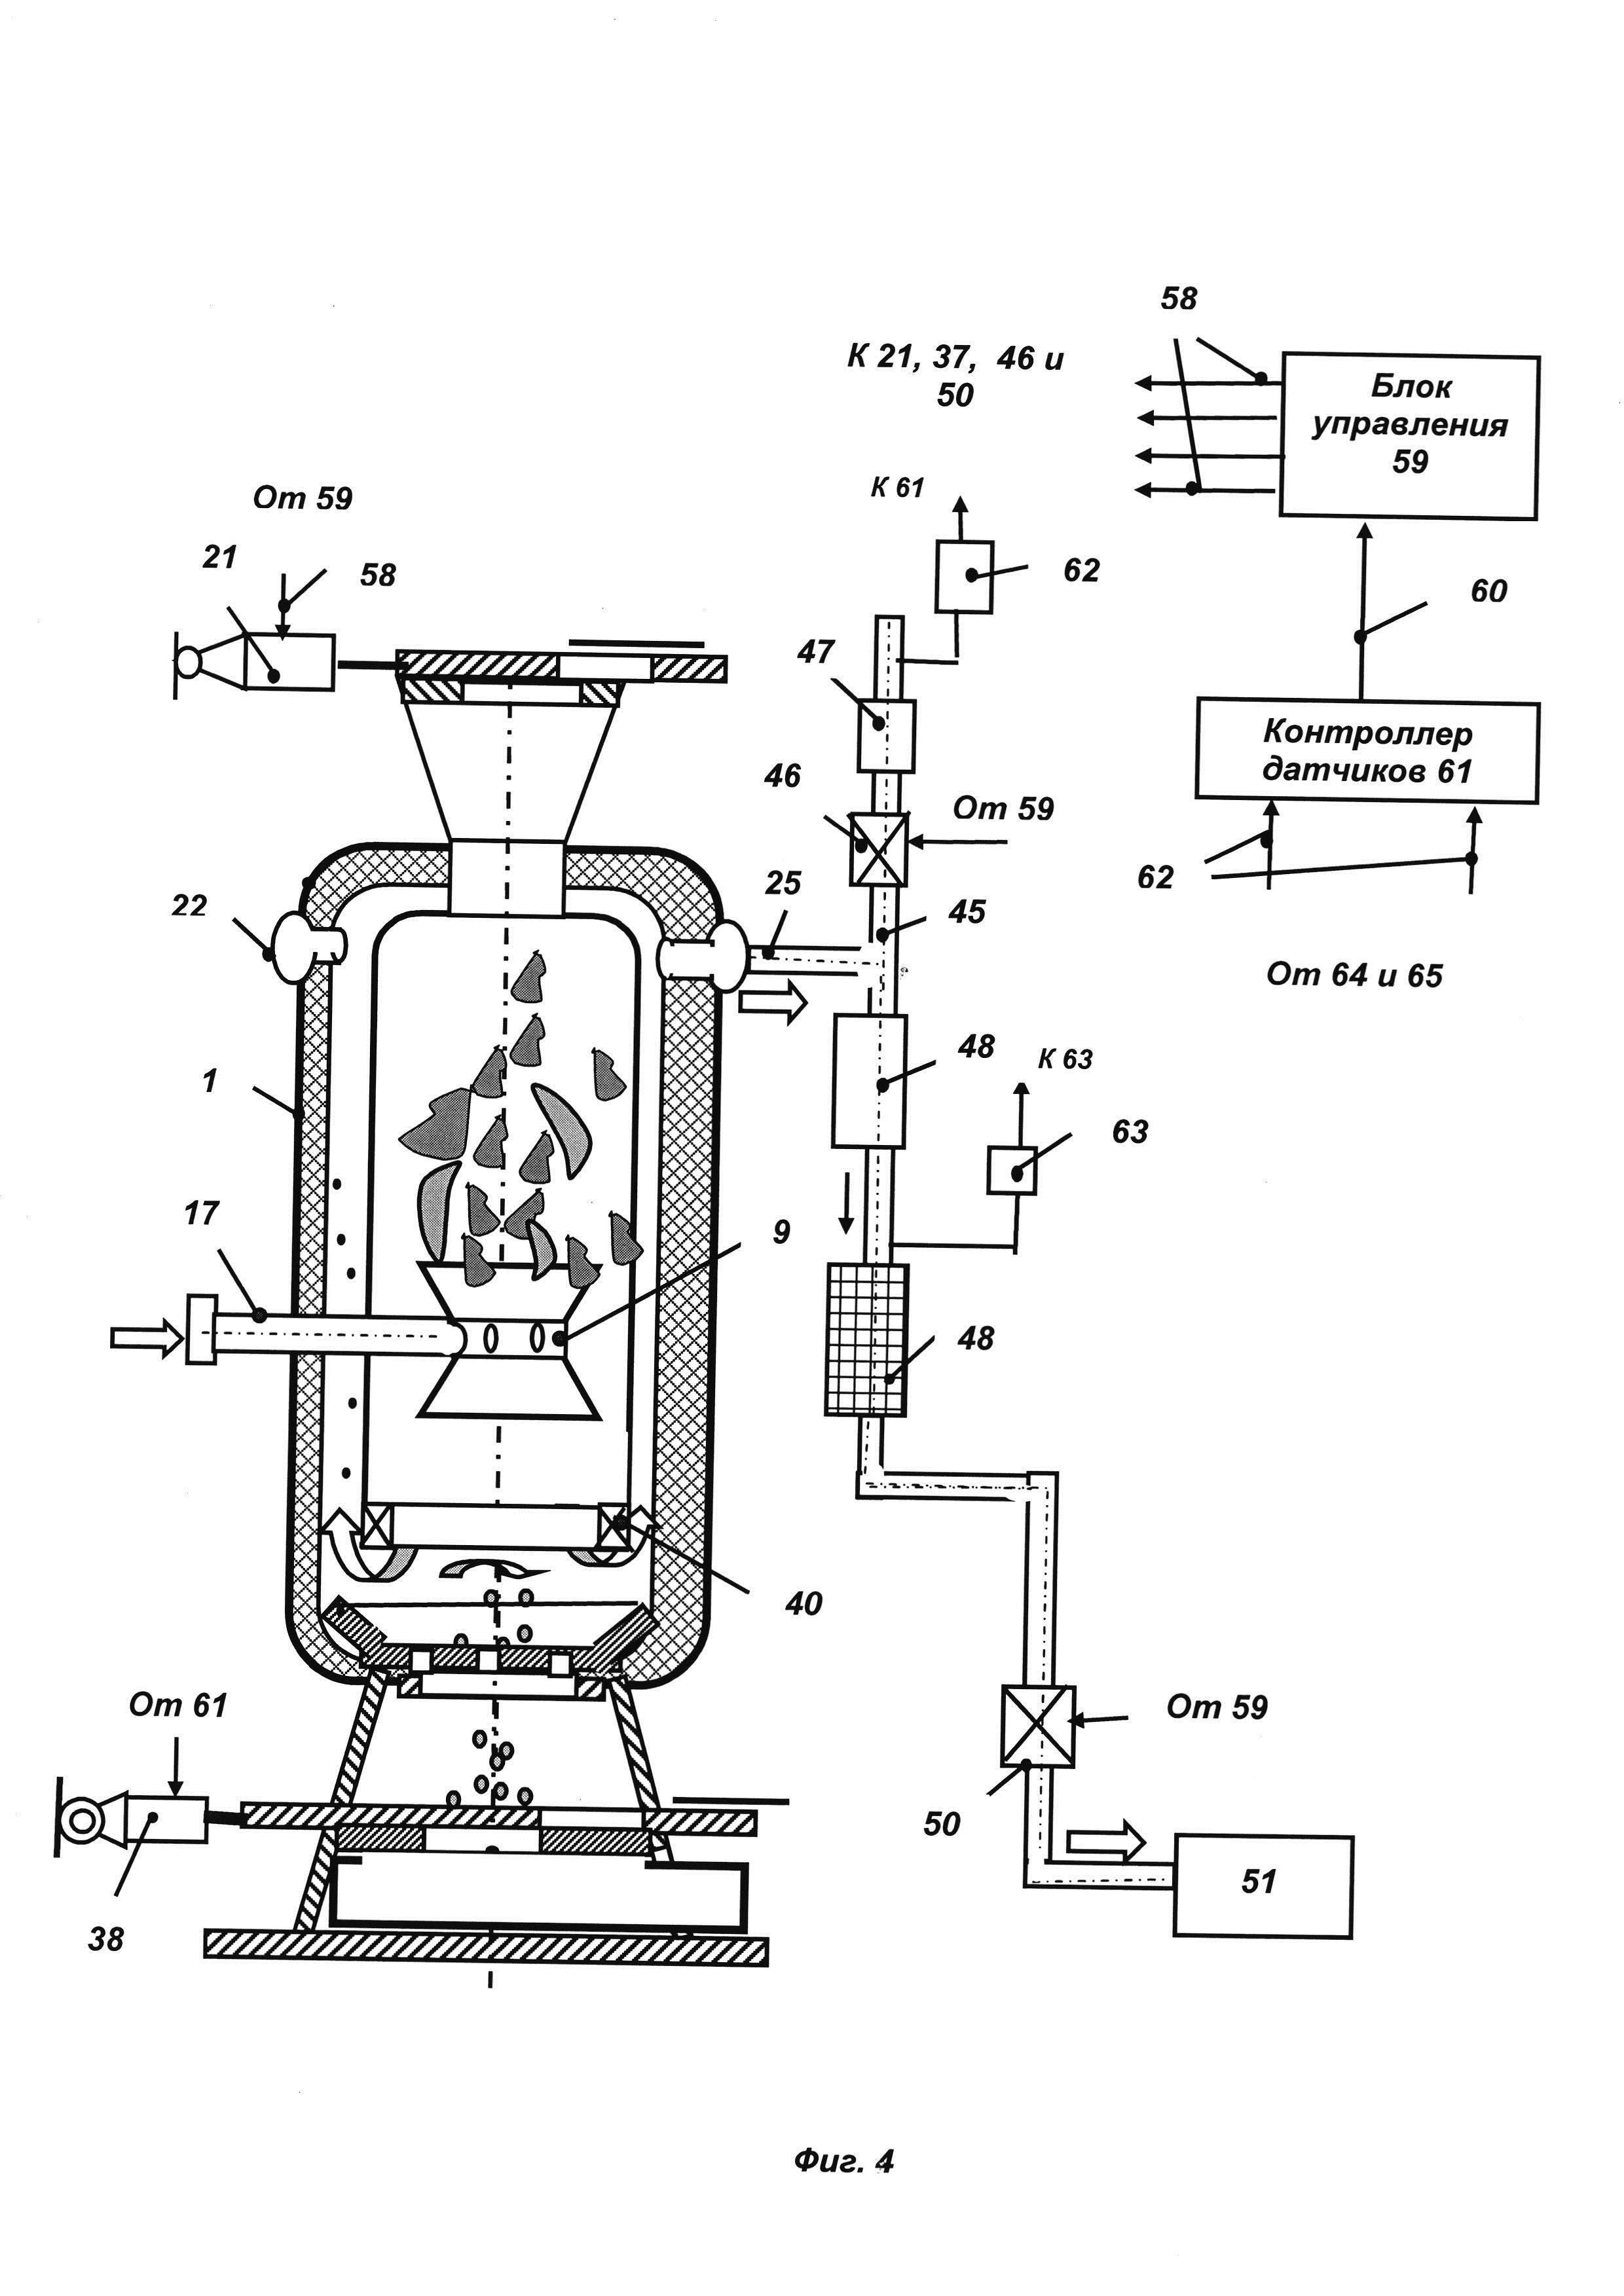 Газогенераторы на дровах: схема сборки электрогенератора своими руками, устройство дровяного газового генератора для отопления дома